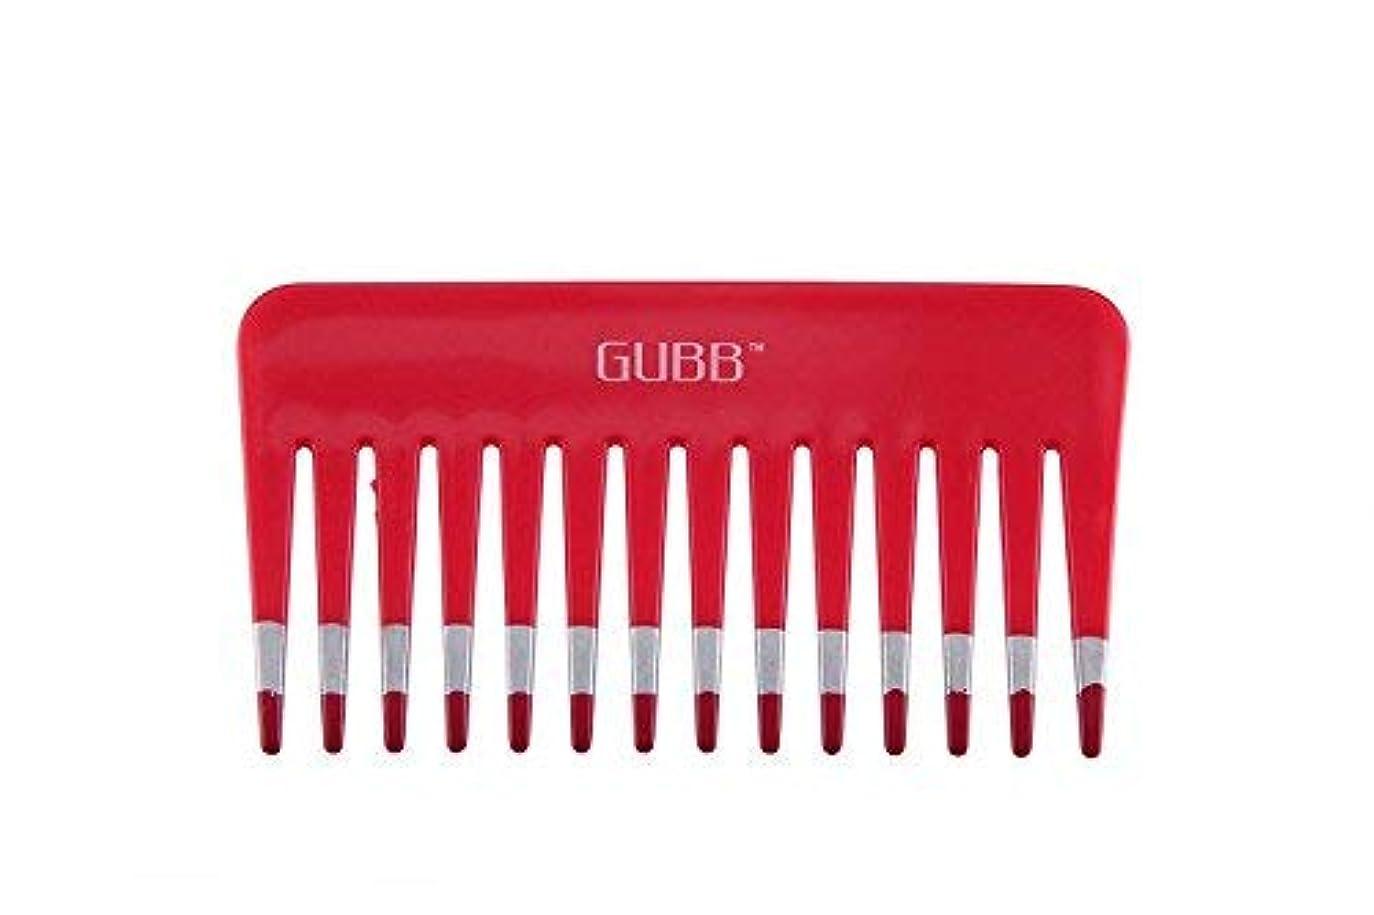 撤退物足りないイーウェルGUBB Vital Shampoo Comb (Wide & Coarse Teeth) [並行輸入品]